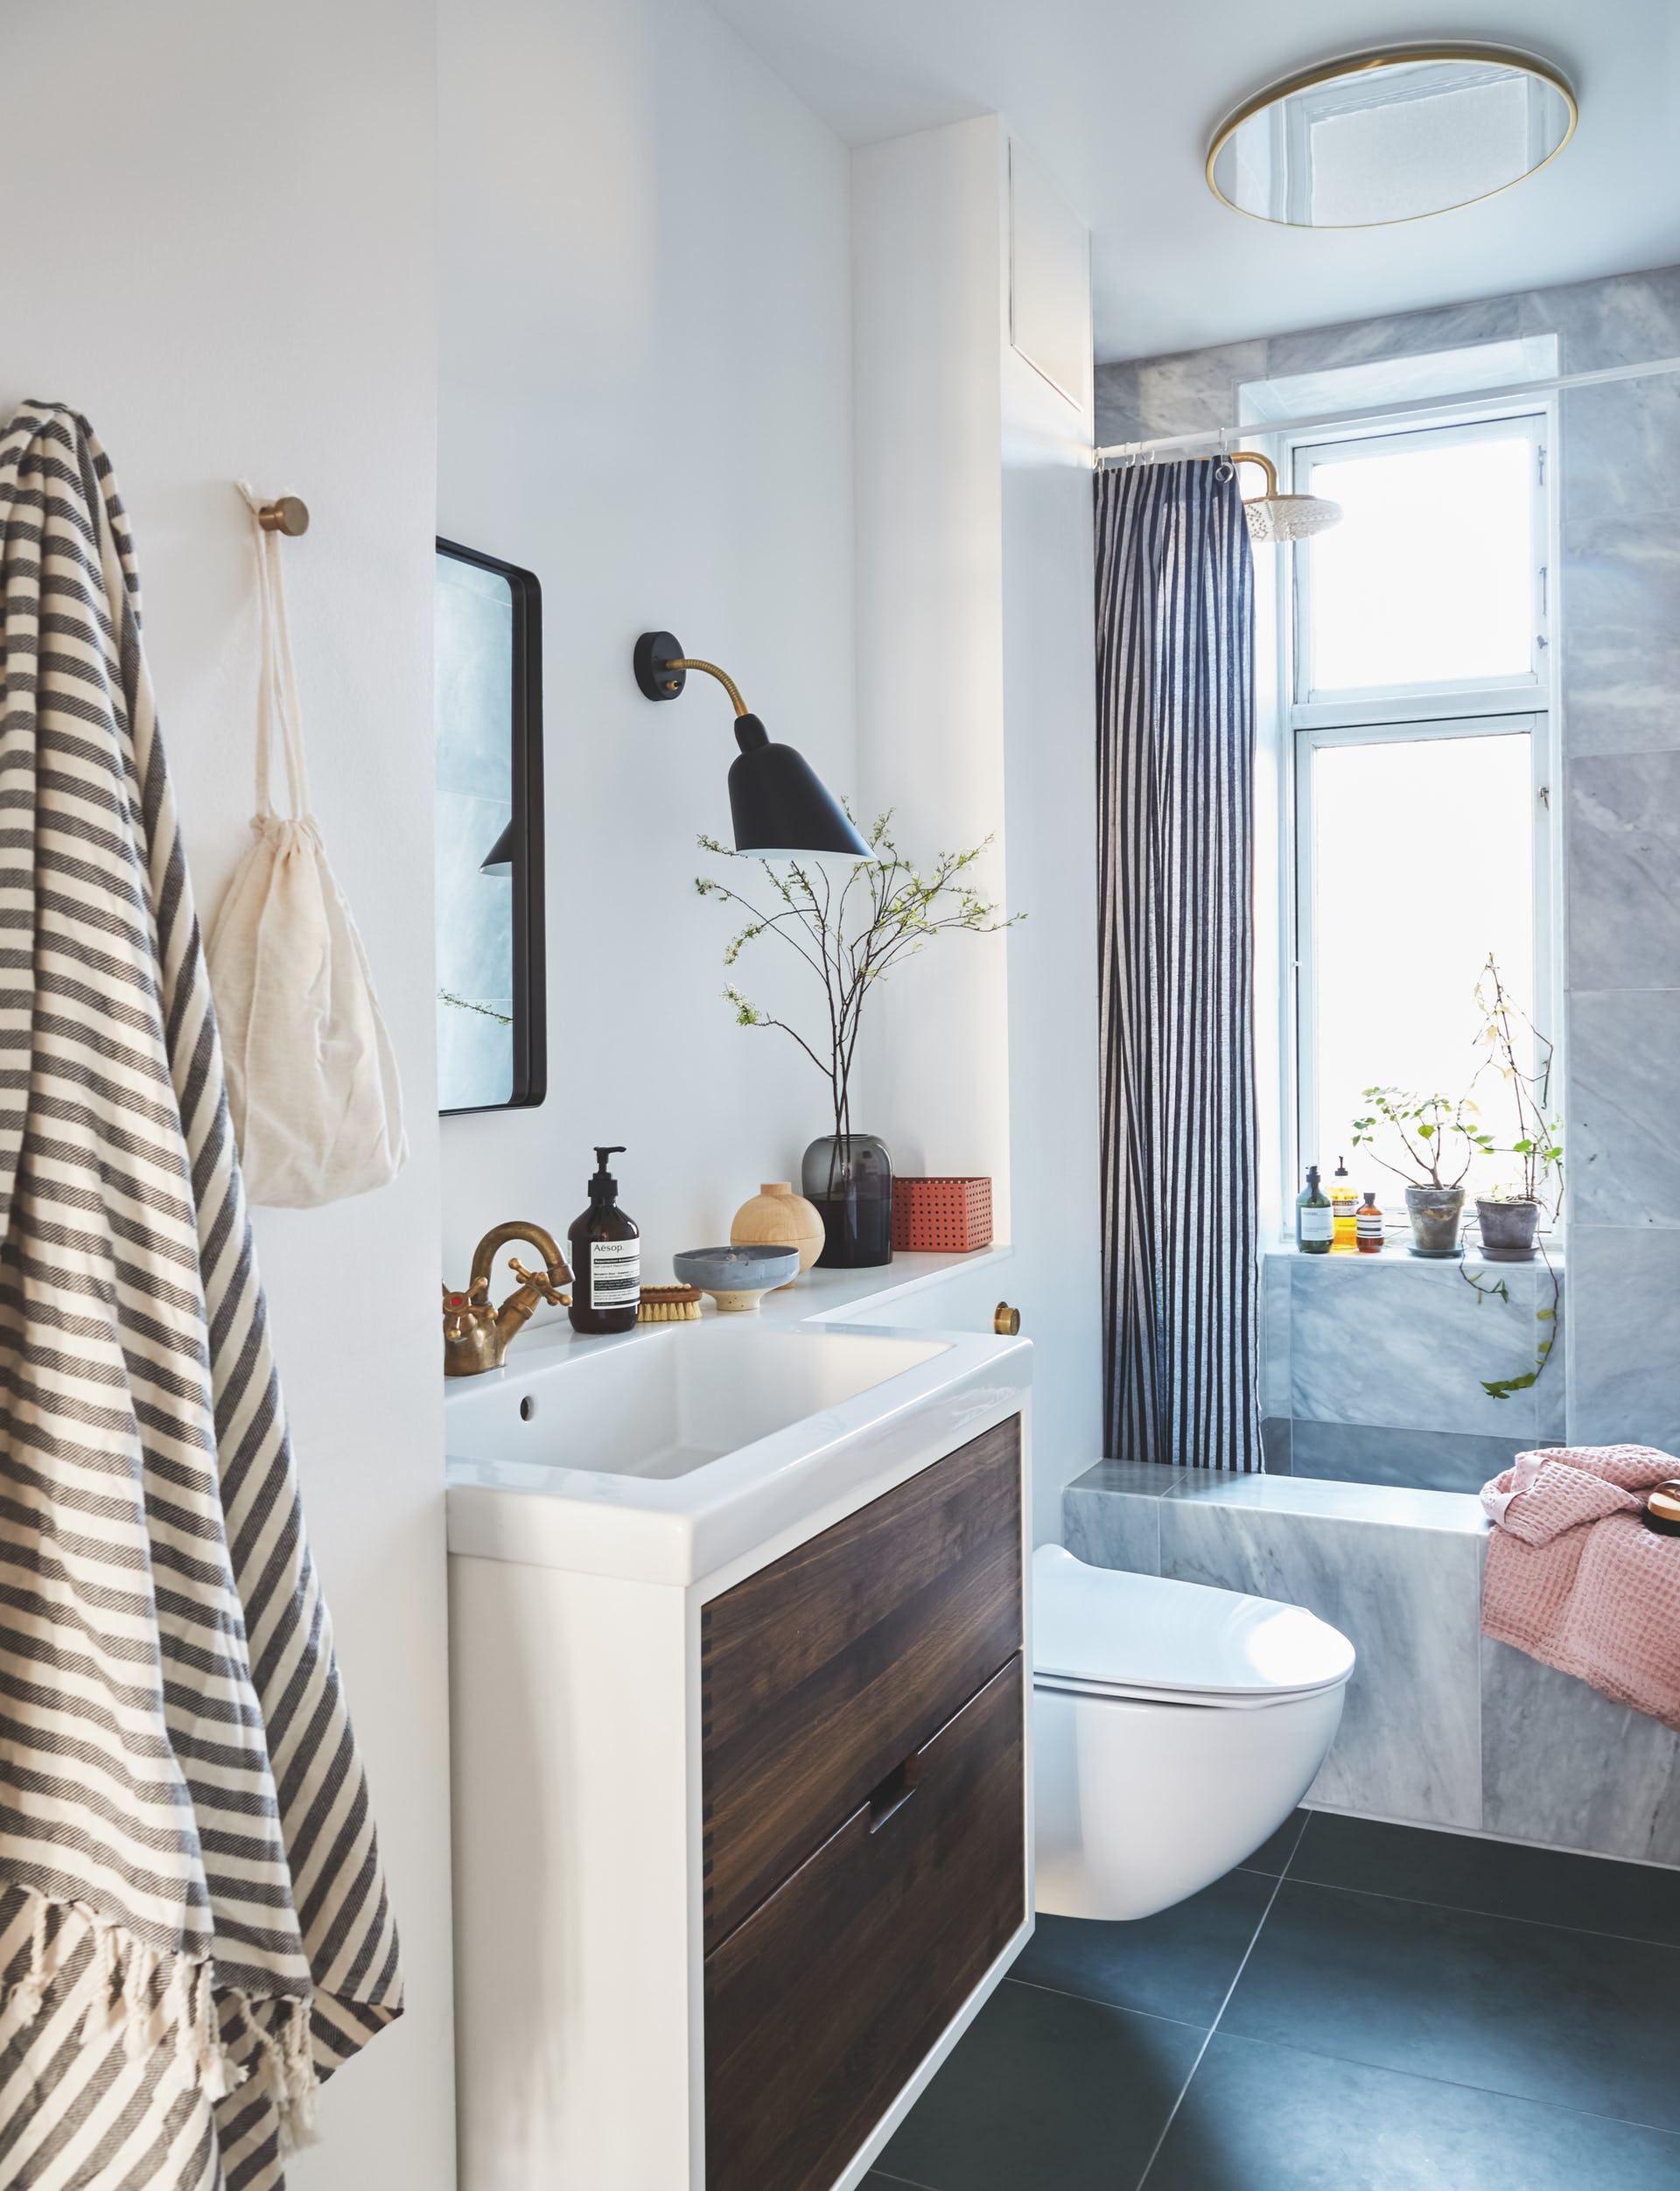 cải tạo nhà tắm thành spa tại gia elledecoration vn 8